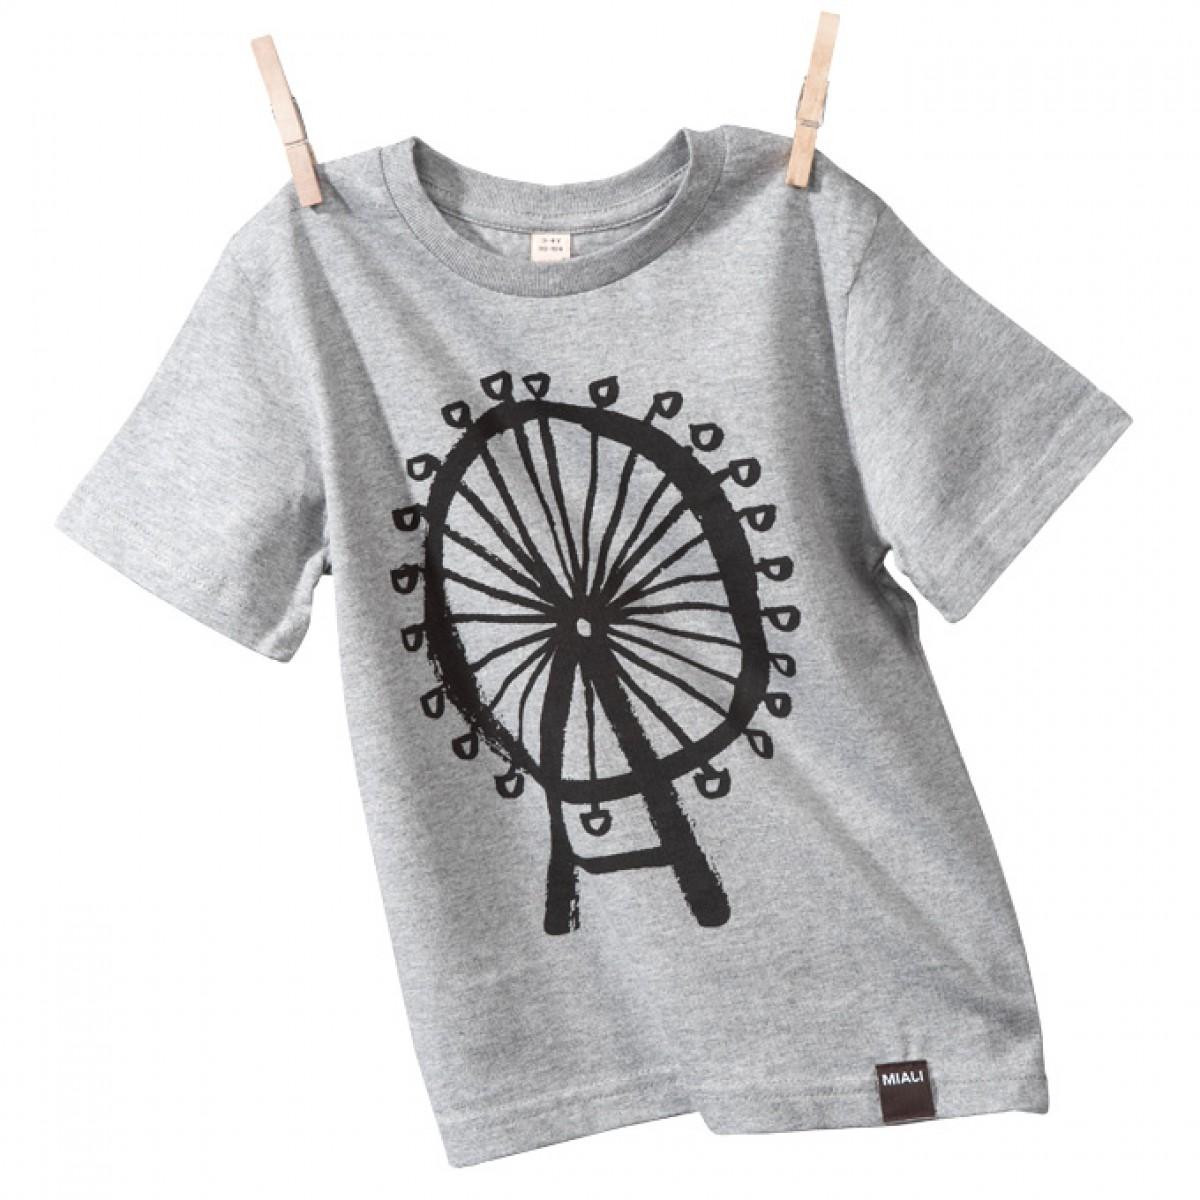 MIALI Bio-Baumwoll Shirt für Kleine / Riesenrad (grau)